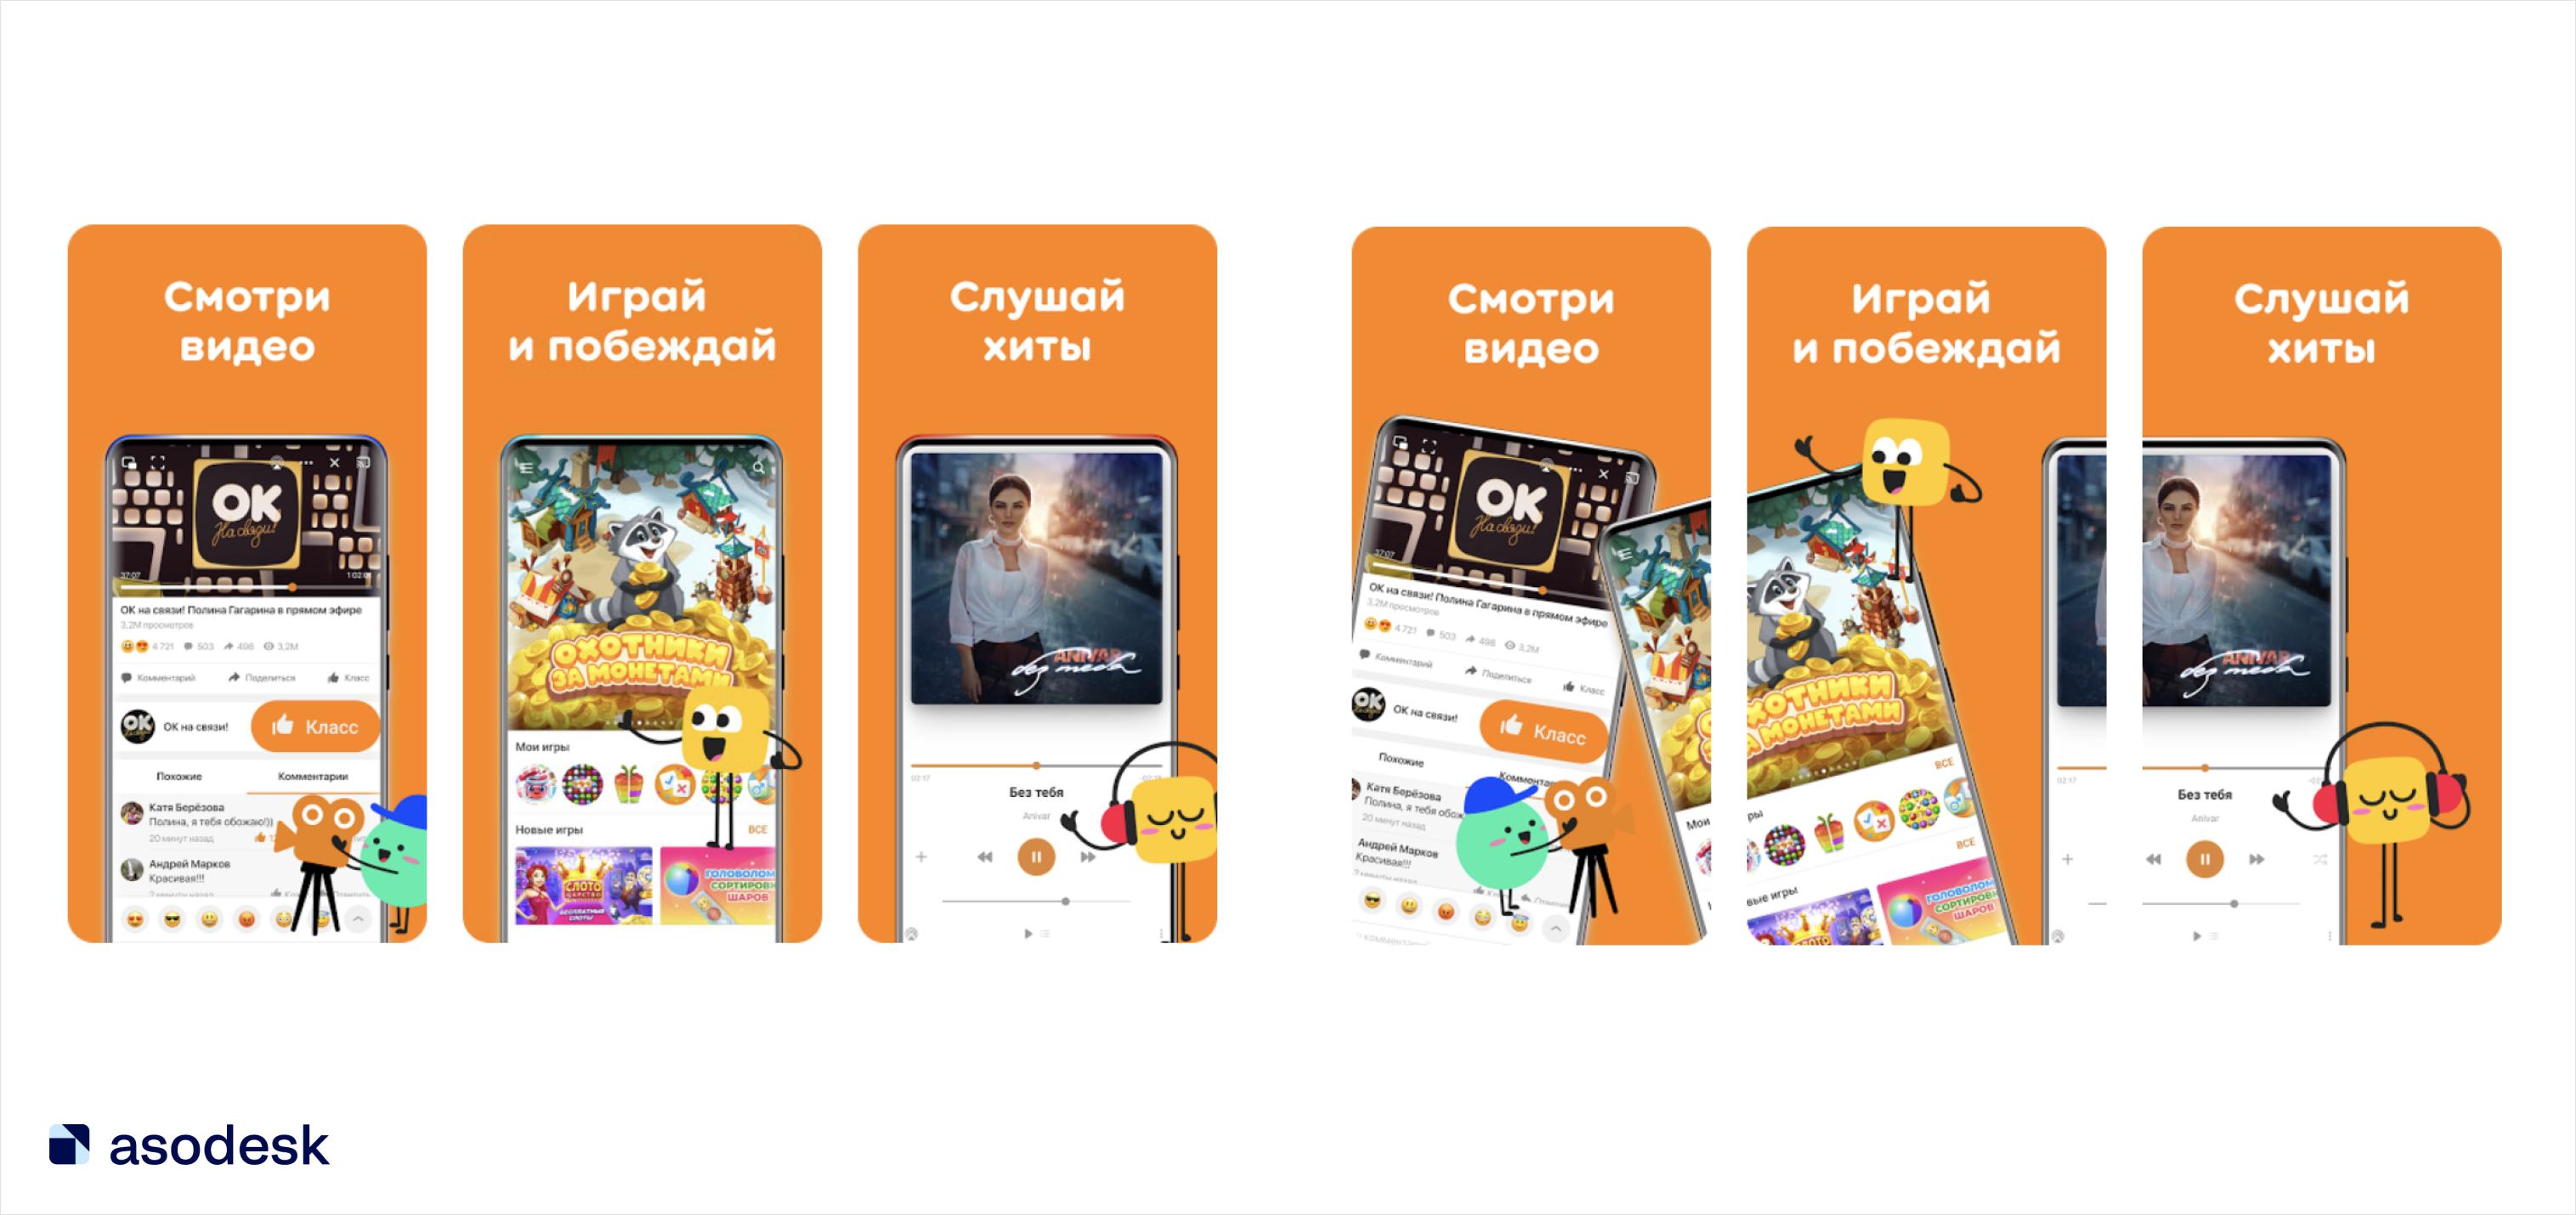 A/B-тестирование скриншотов приложения «Одноклассники»